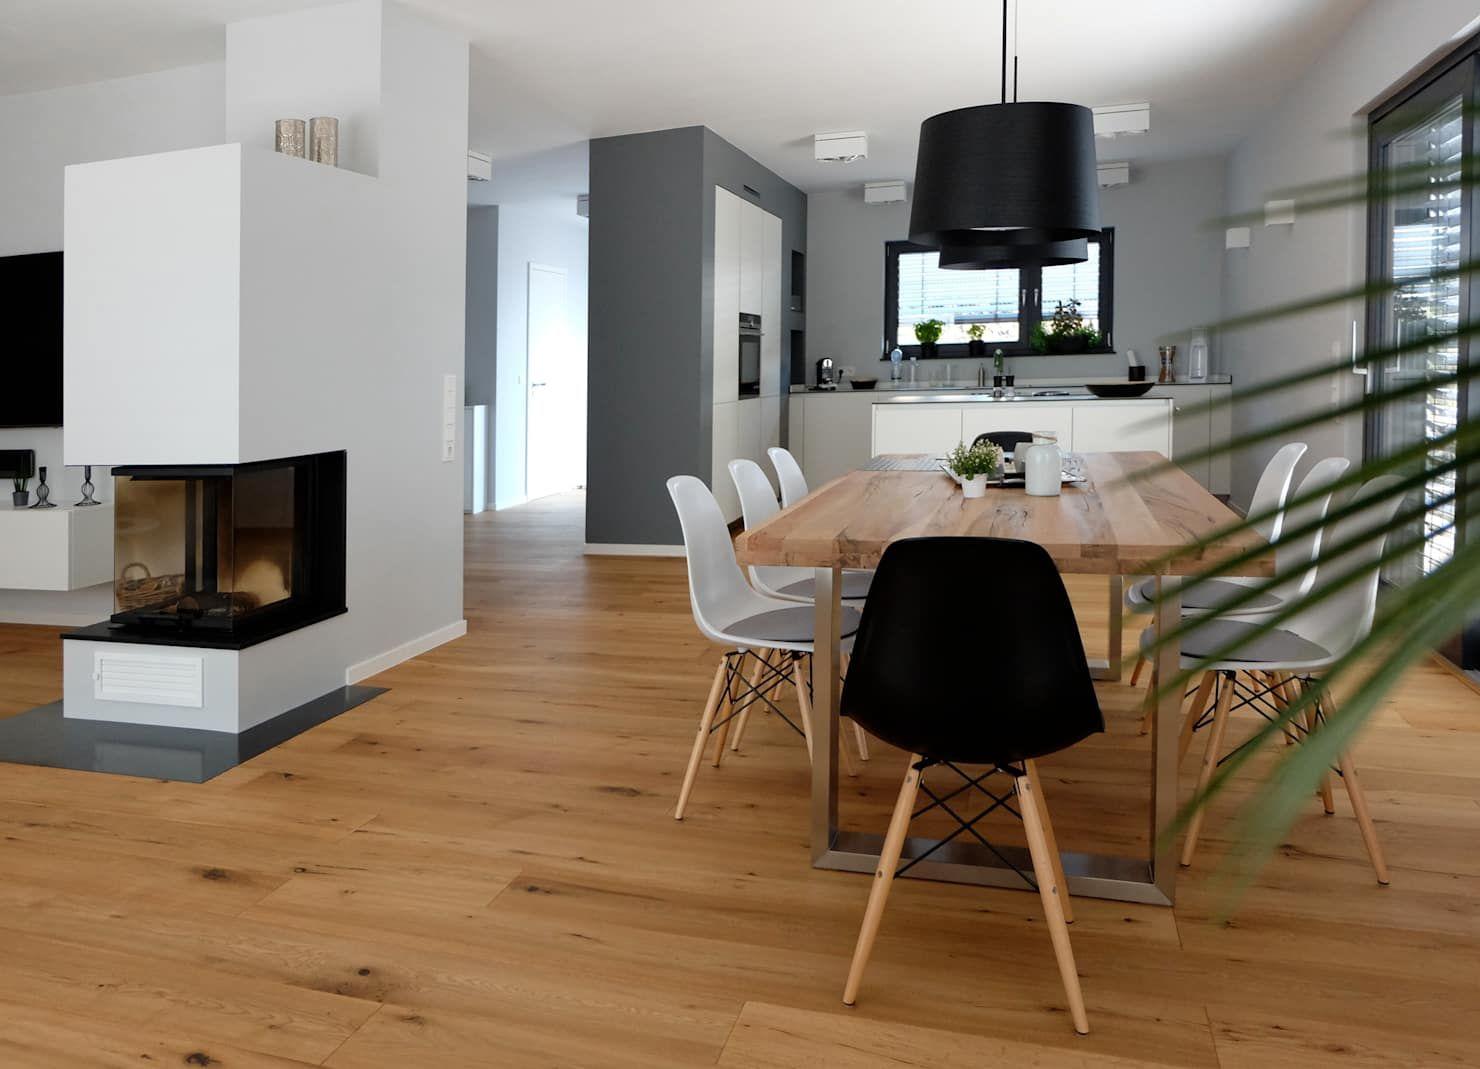 Offenes wohnen im eg moderne esszimmer von resonator coop architektur + design modern | homify